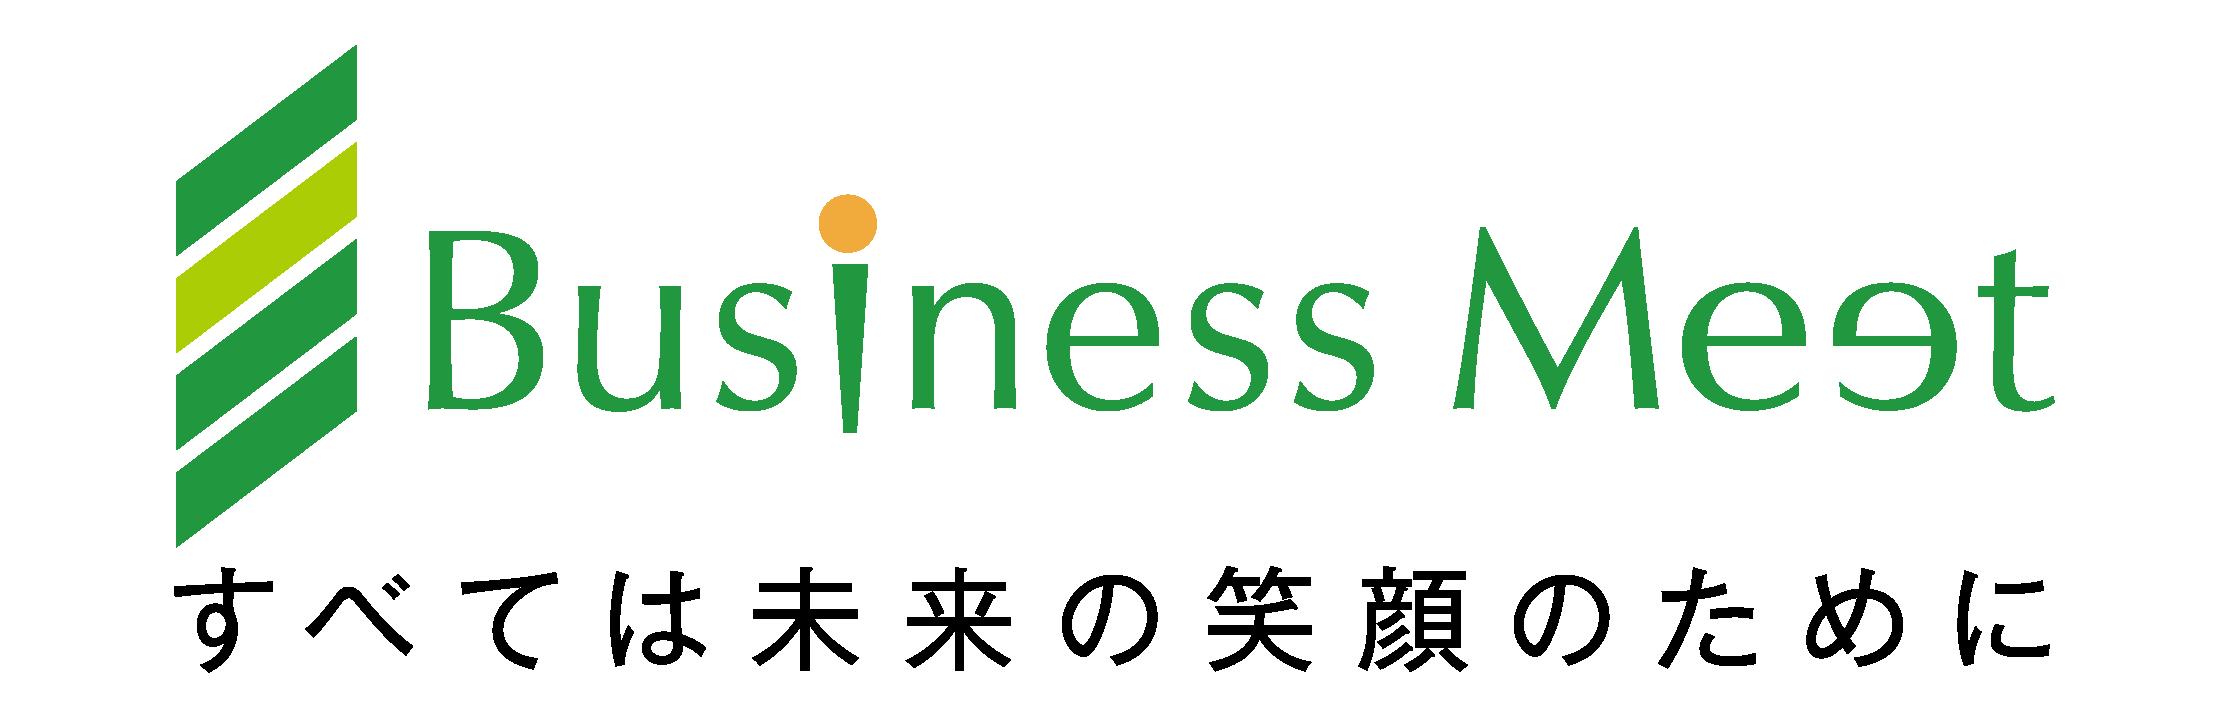 [勤務先]ビジネスミート